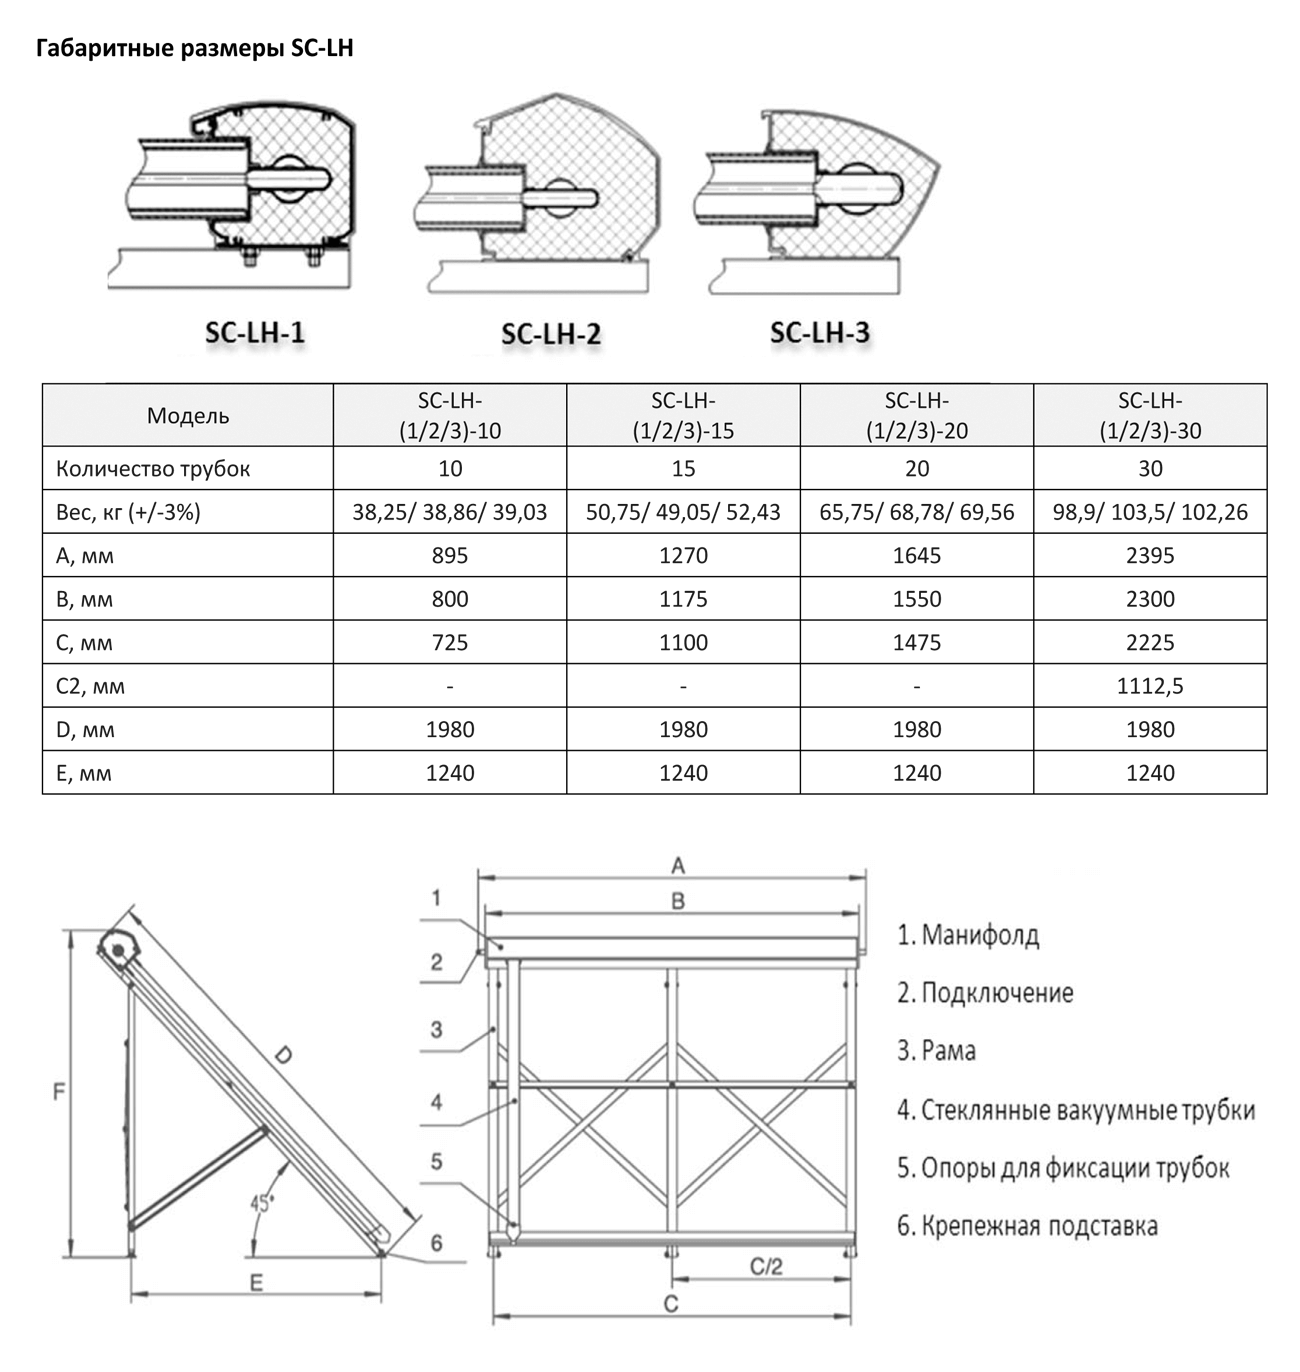 Солнечный коллектор Altek SC-LH3-20 (без задних опор)